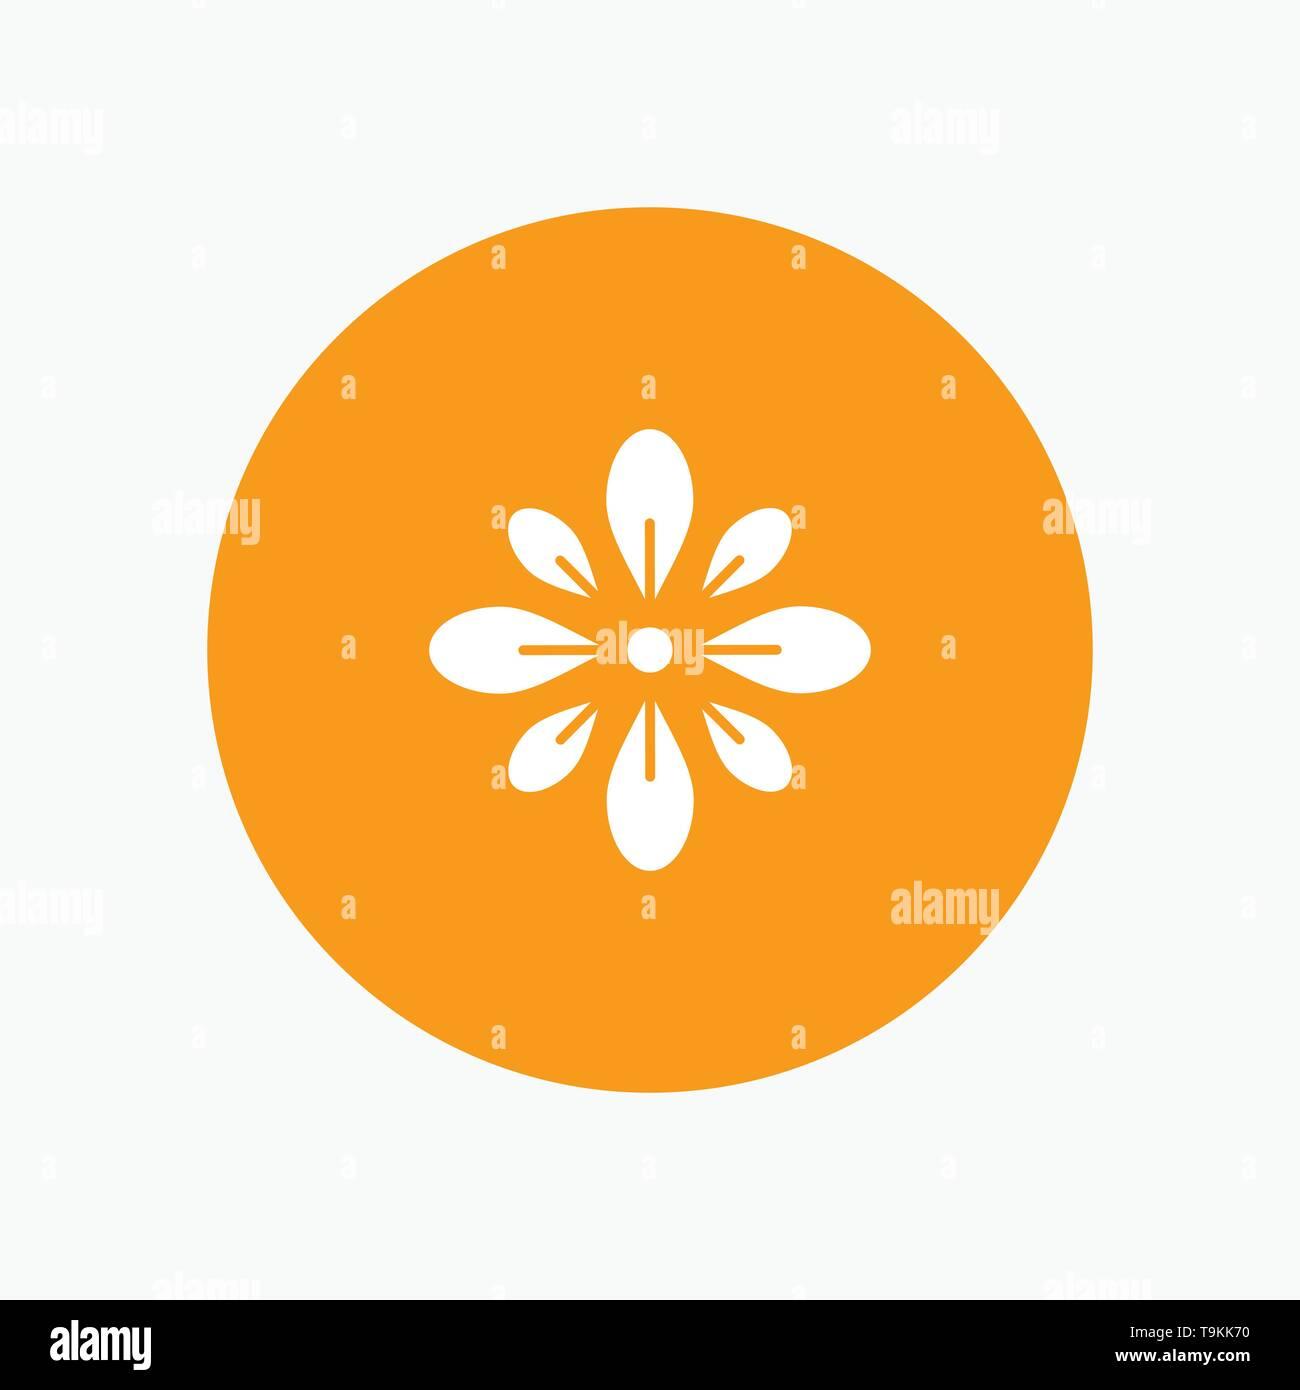 Celebrate, Decorate, Decoration, Diwali, Hindu, Holi - Stock Image